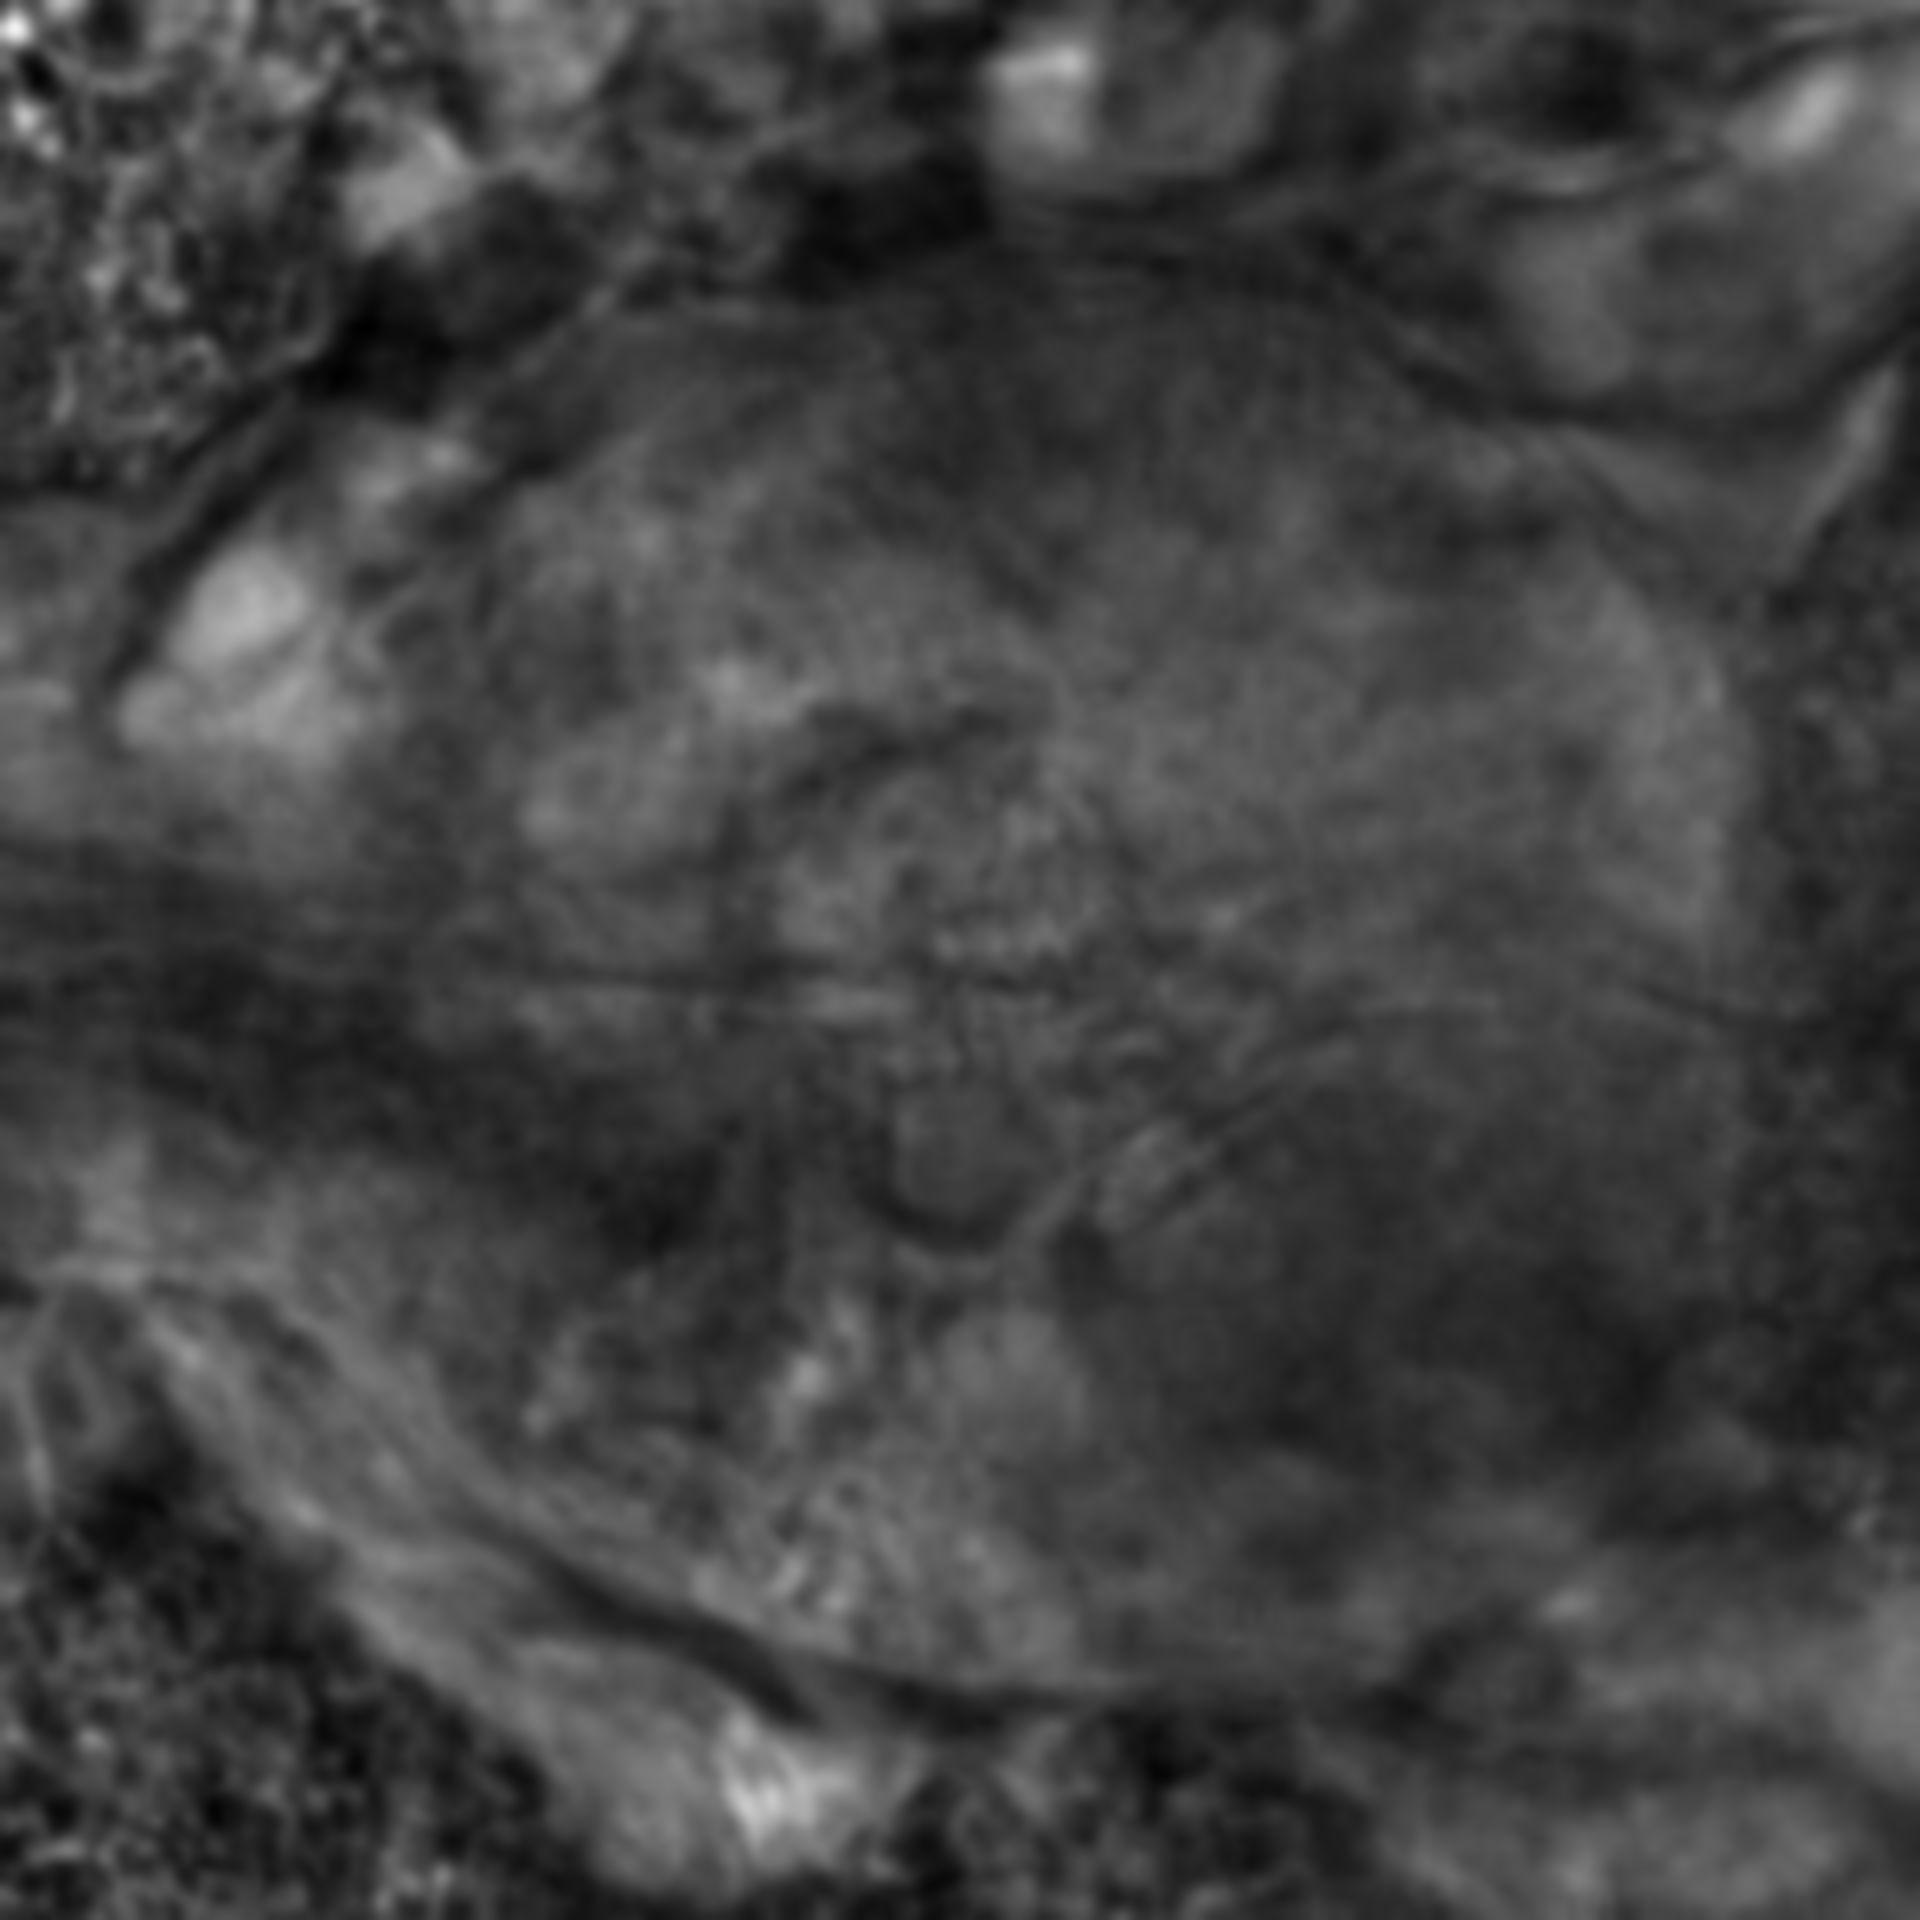 Caenorhabditis elegans - CIL:2664